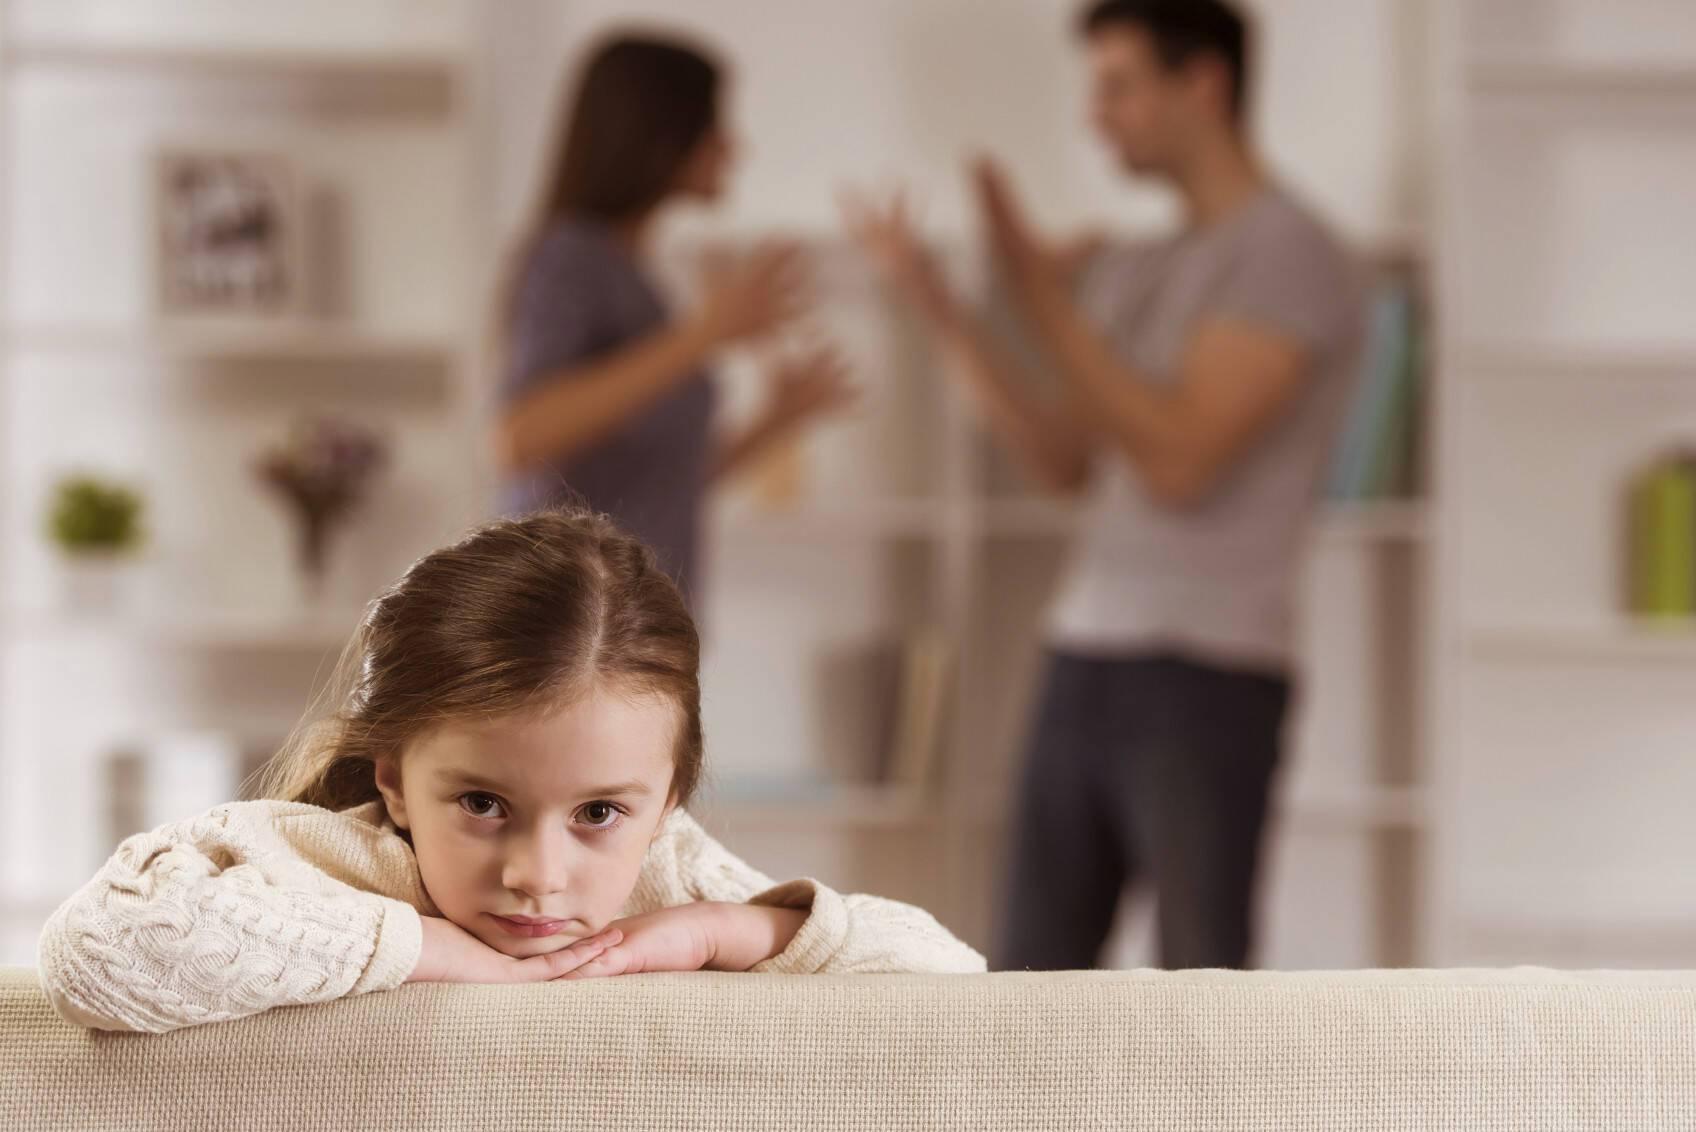 Важно сразу рассказать ребенку о разводе